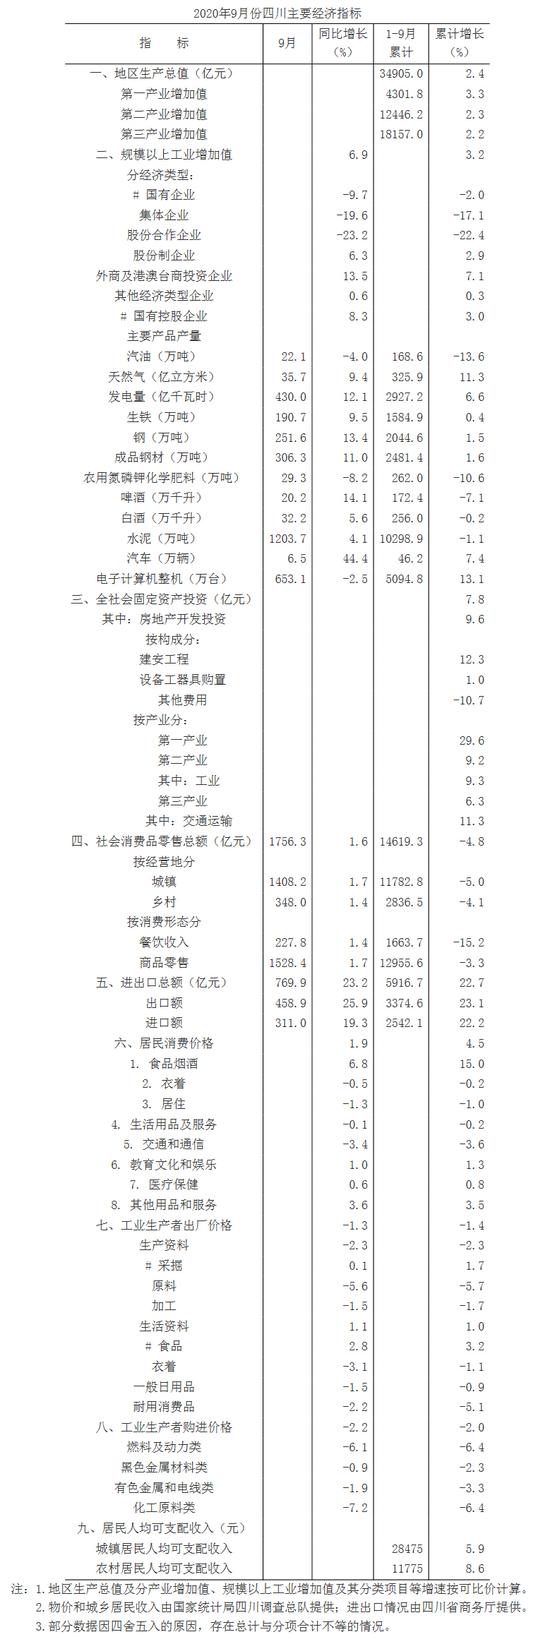 2020年前三季度四川经济形势